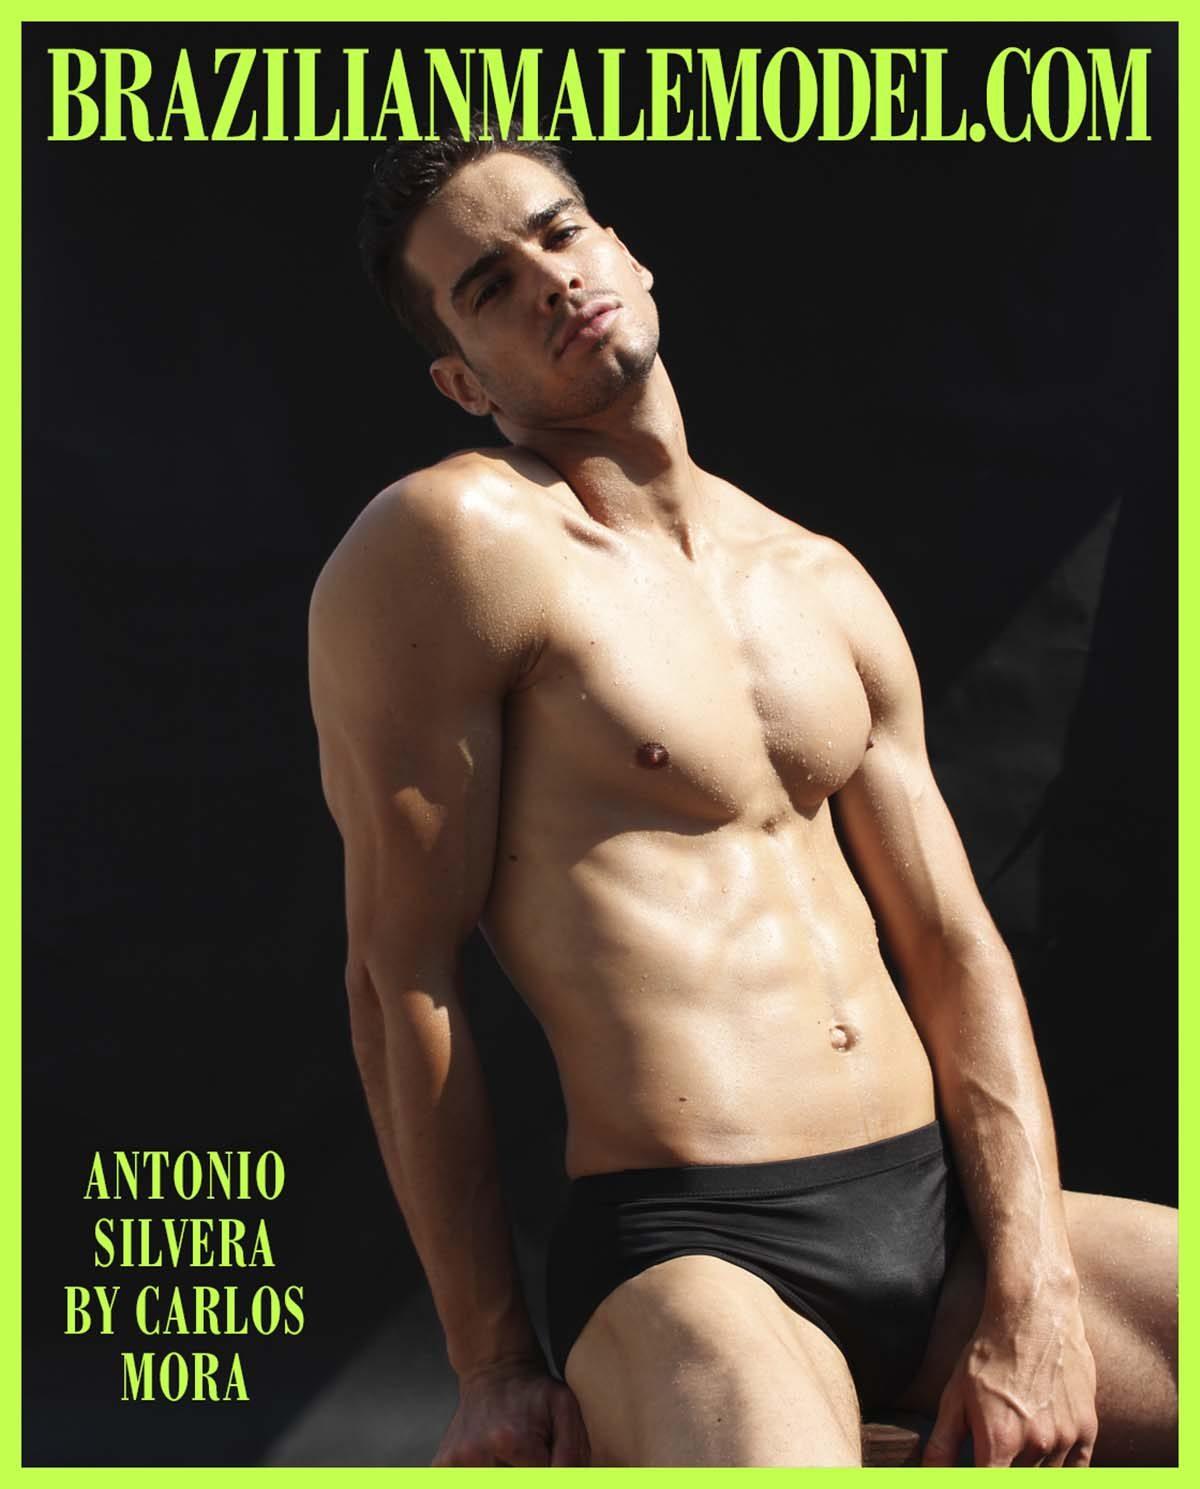 Antônio Silvera by Carlos Mora